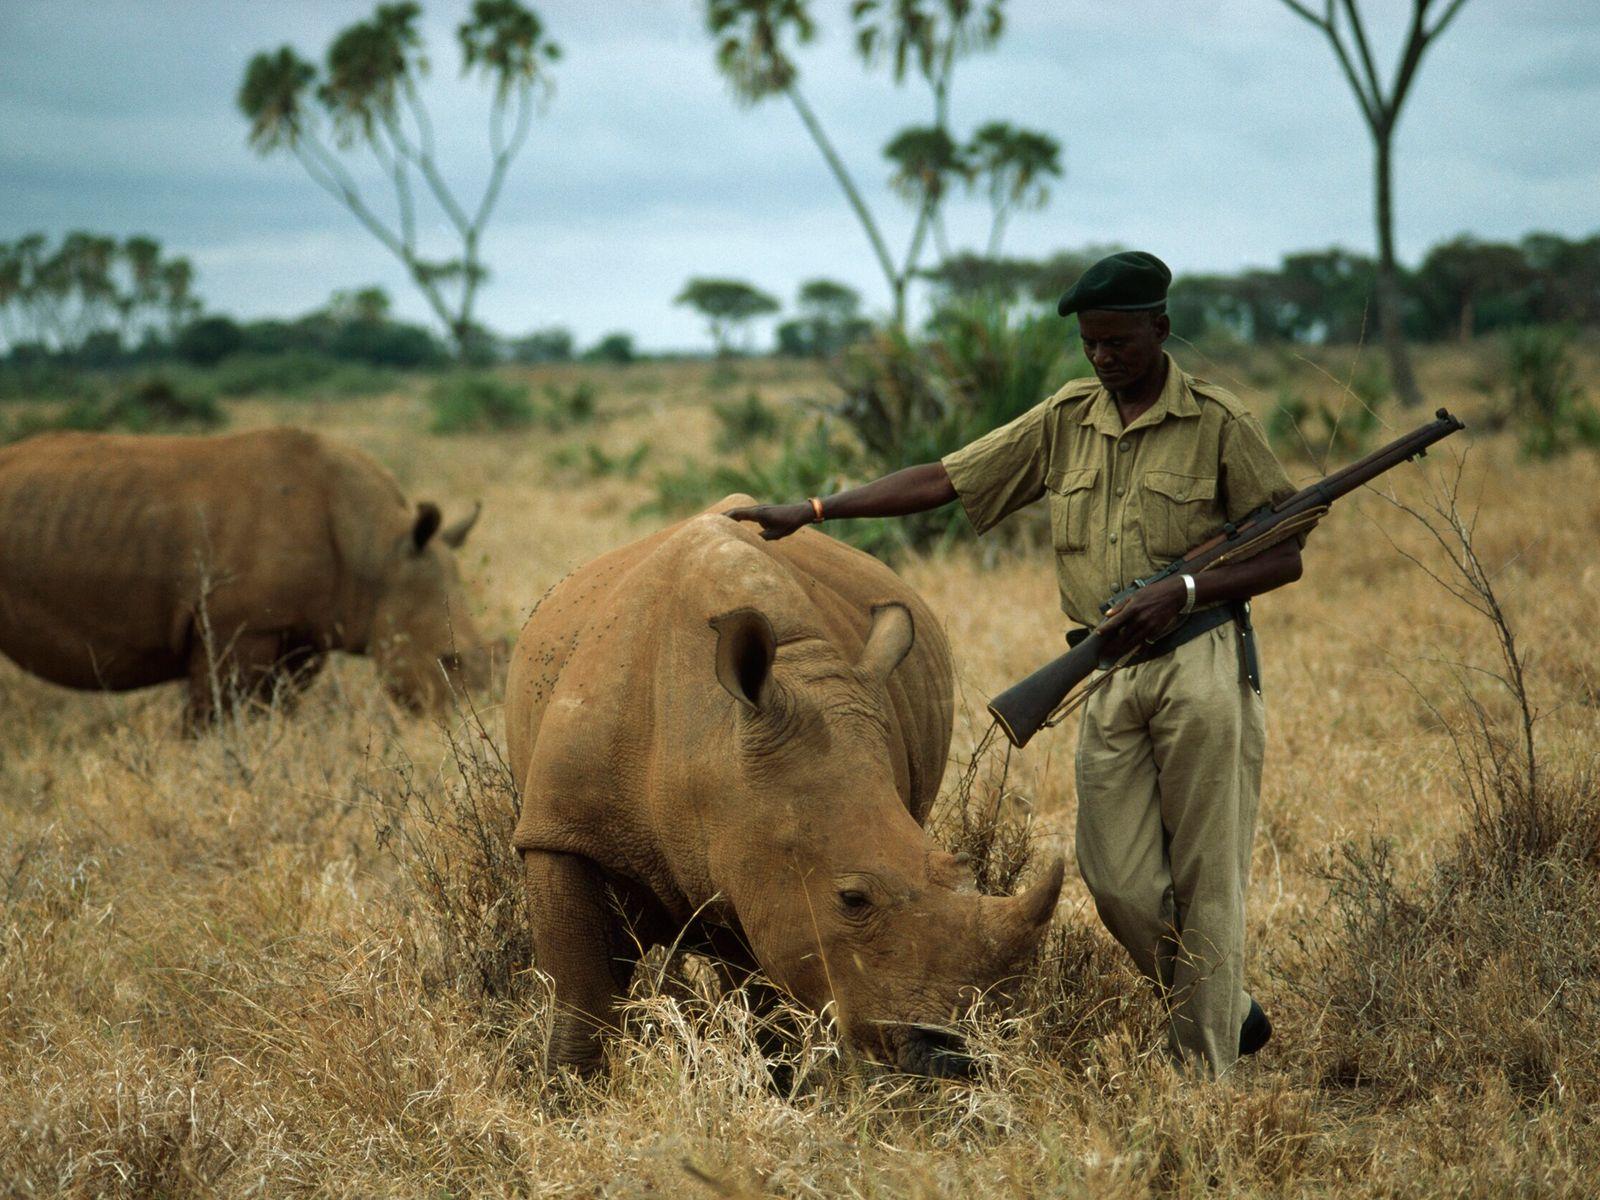 guarda-florestal segurando espingarda acaricia um rinoceronte em uma savana